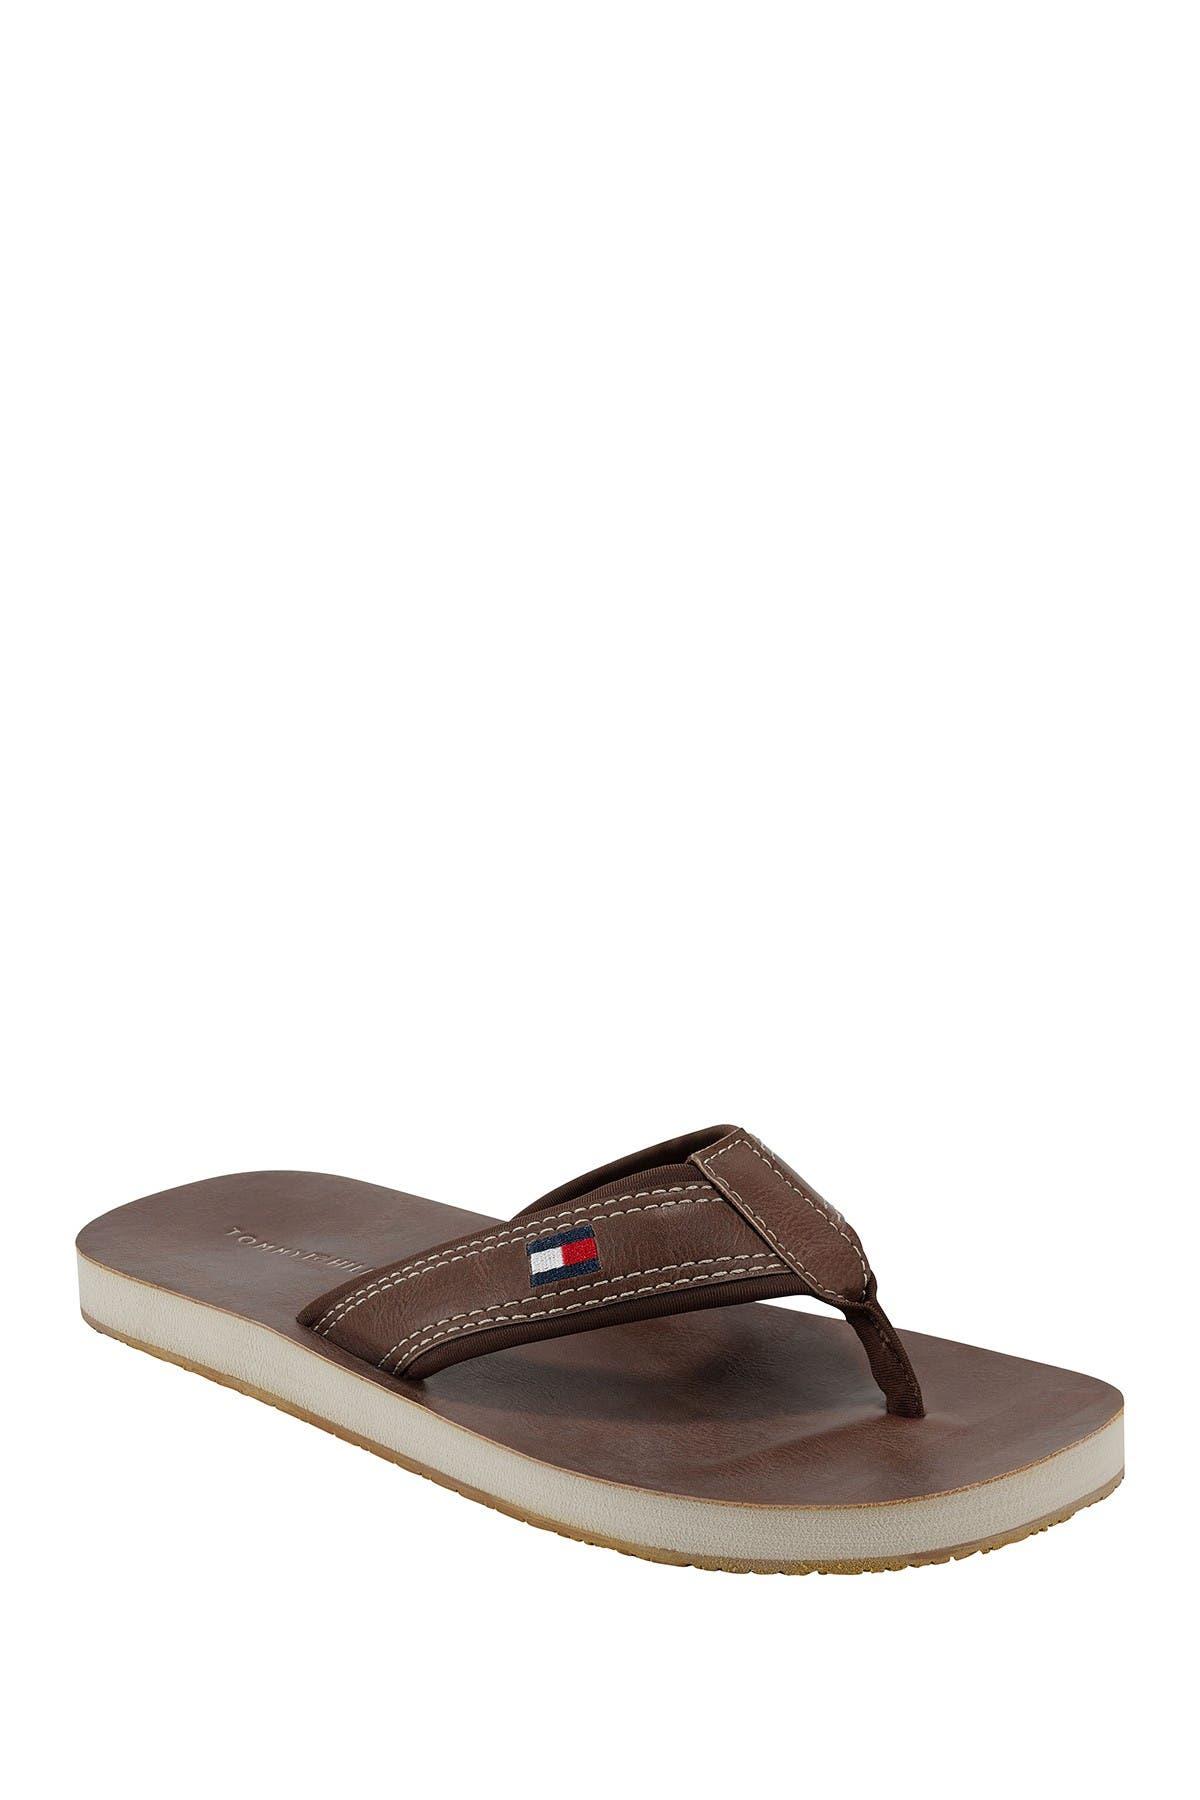 Image of Tommy Hilfiger Dunes Leather Flip Flop